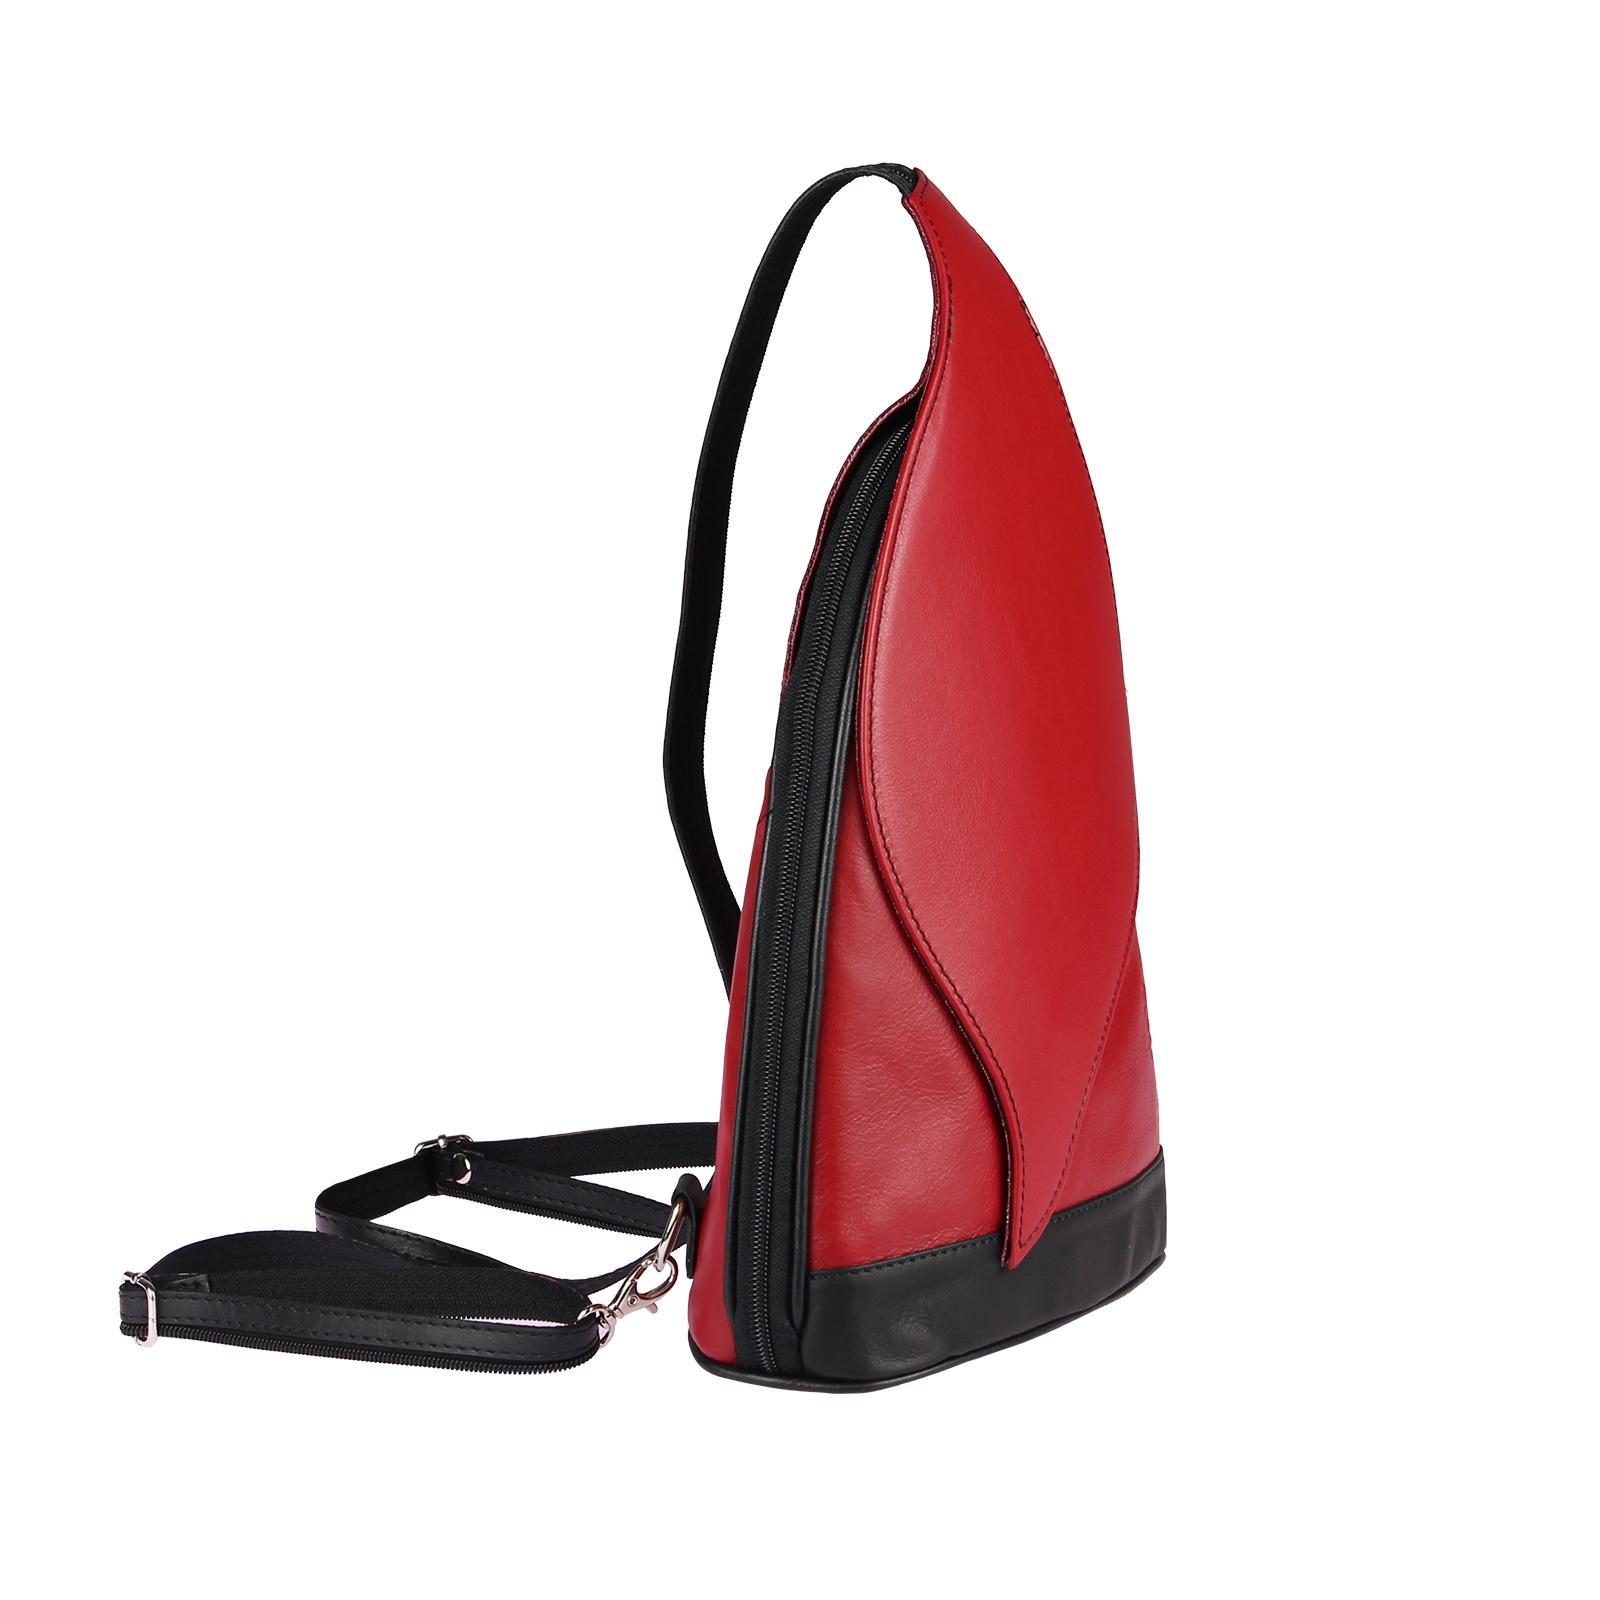 ITALY-DAMEN-LEDER-RUCKSACK-Schulter-Tasche-Reise-BACKPACK-Lederrucksack-it-BAG Indexbild 37